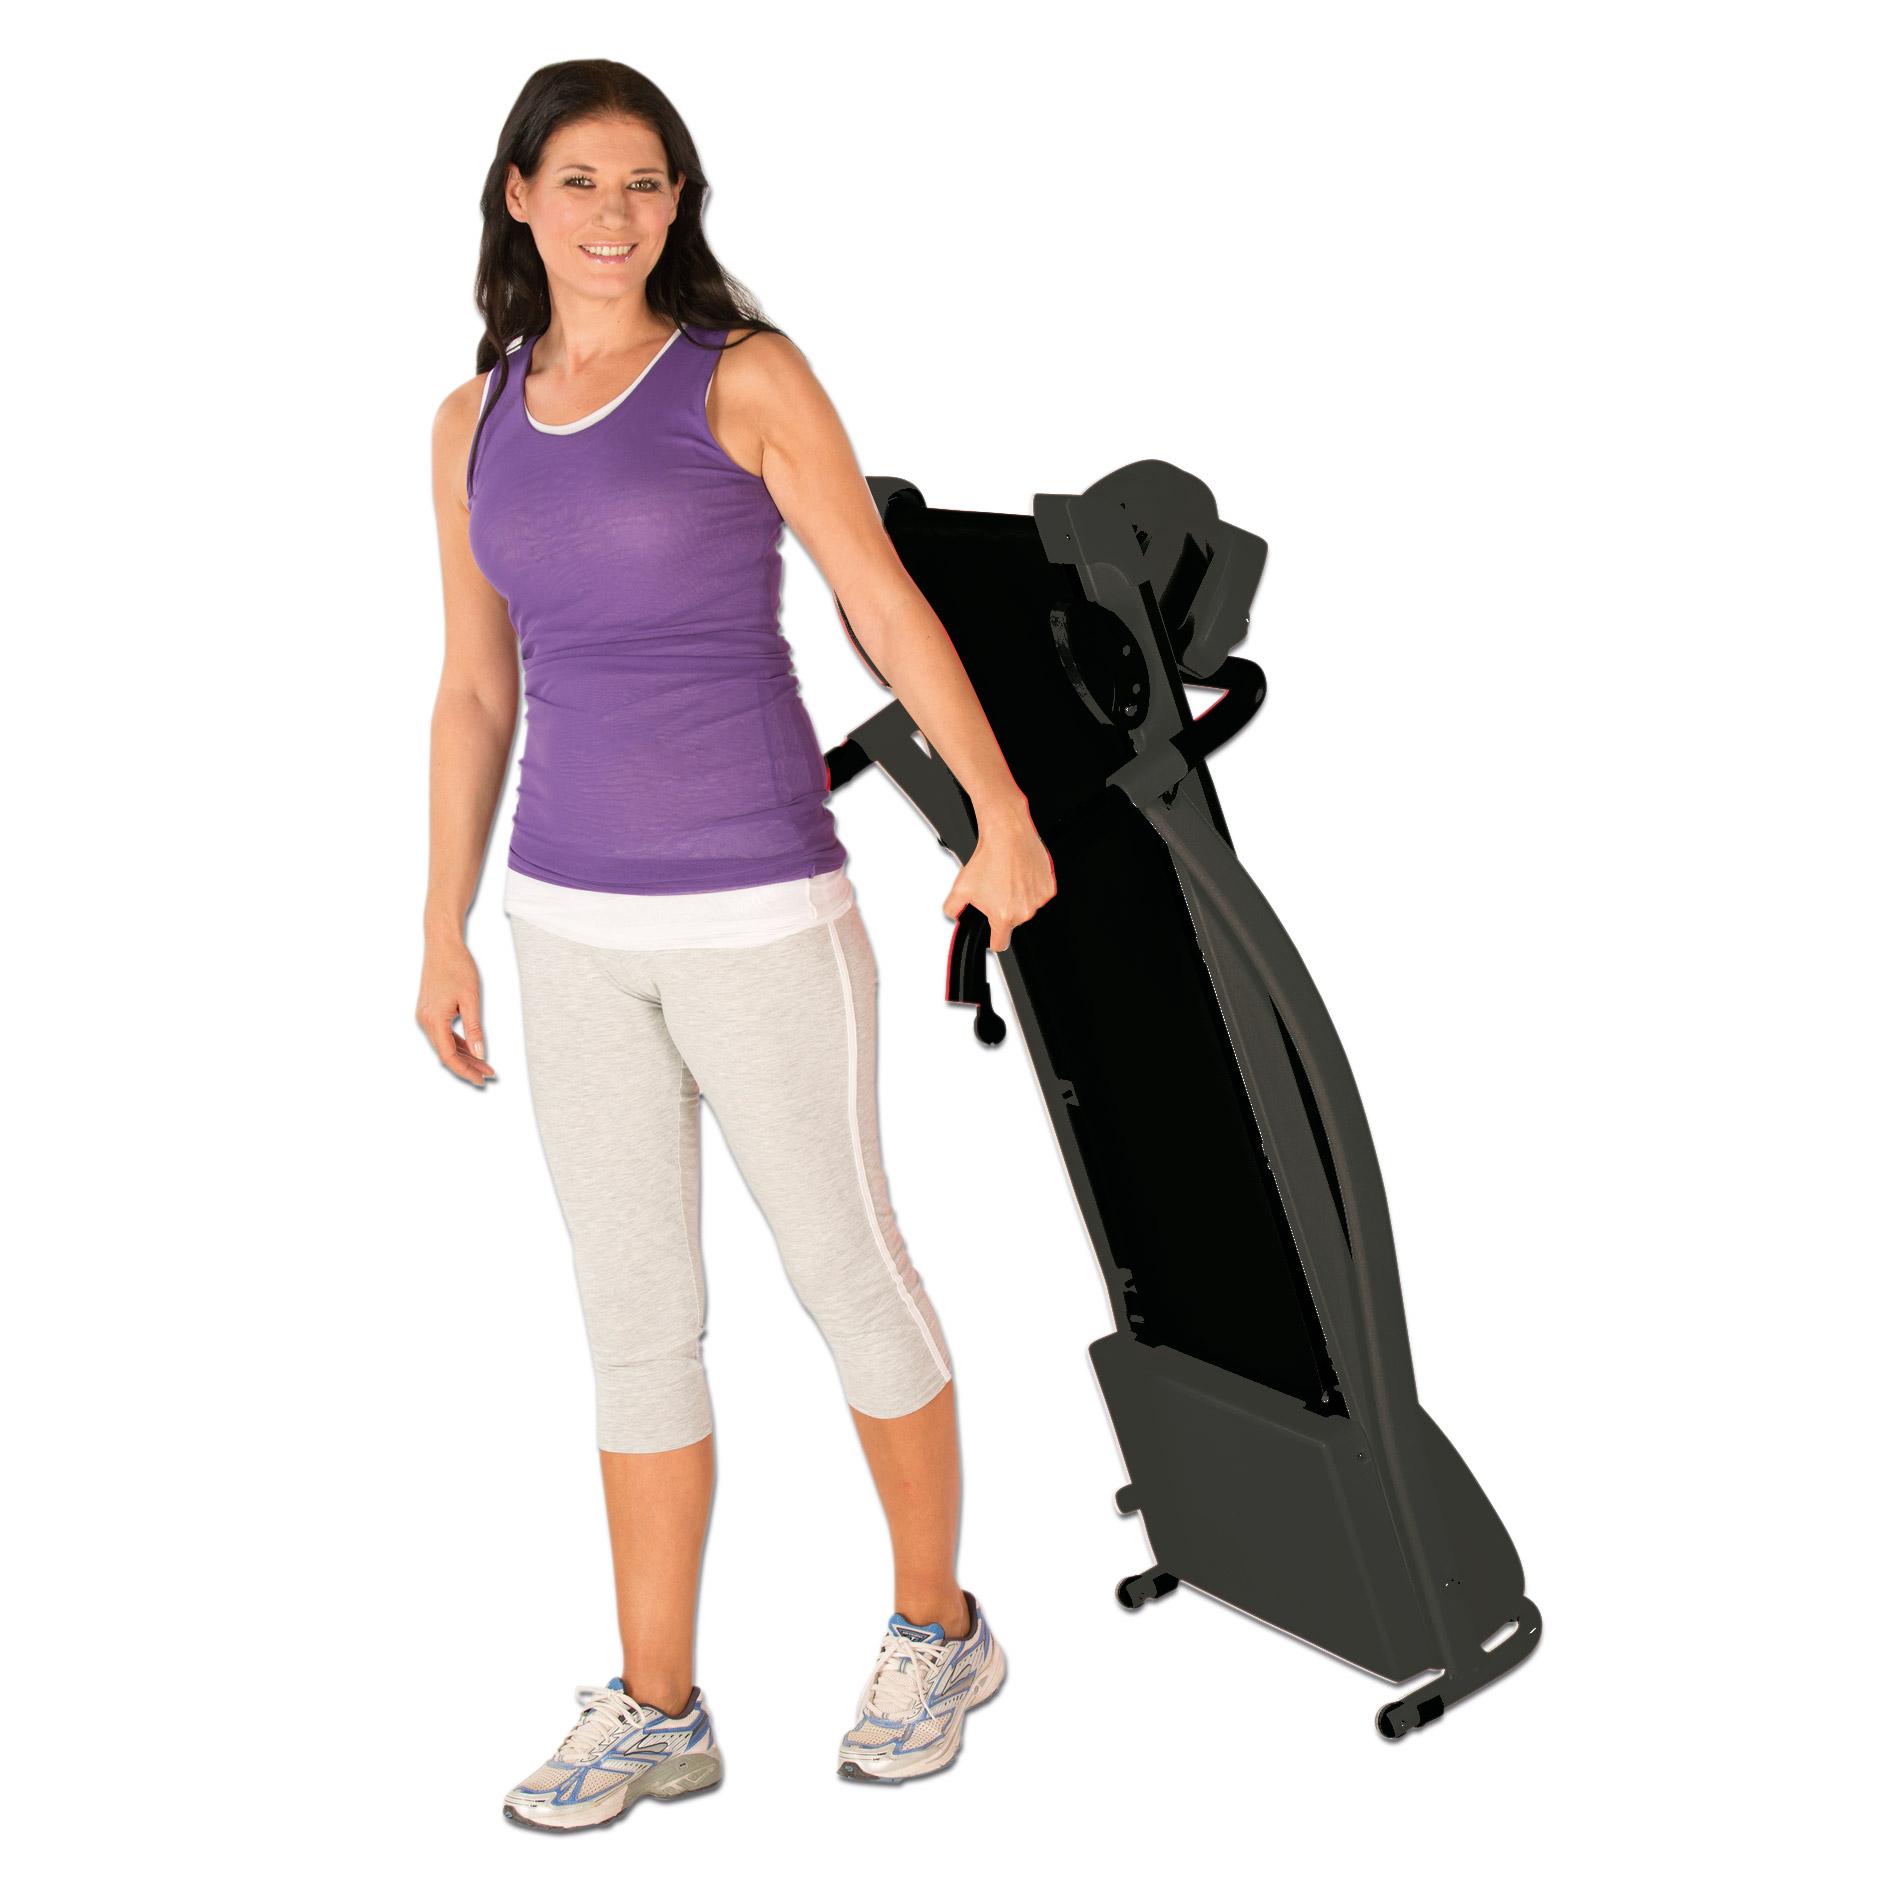 Nach dem Training, einfach wegrollen und platzsparend verstauen